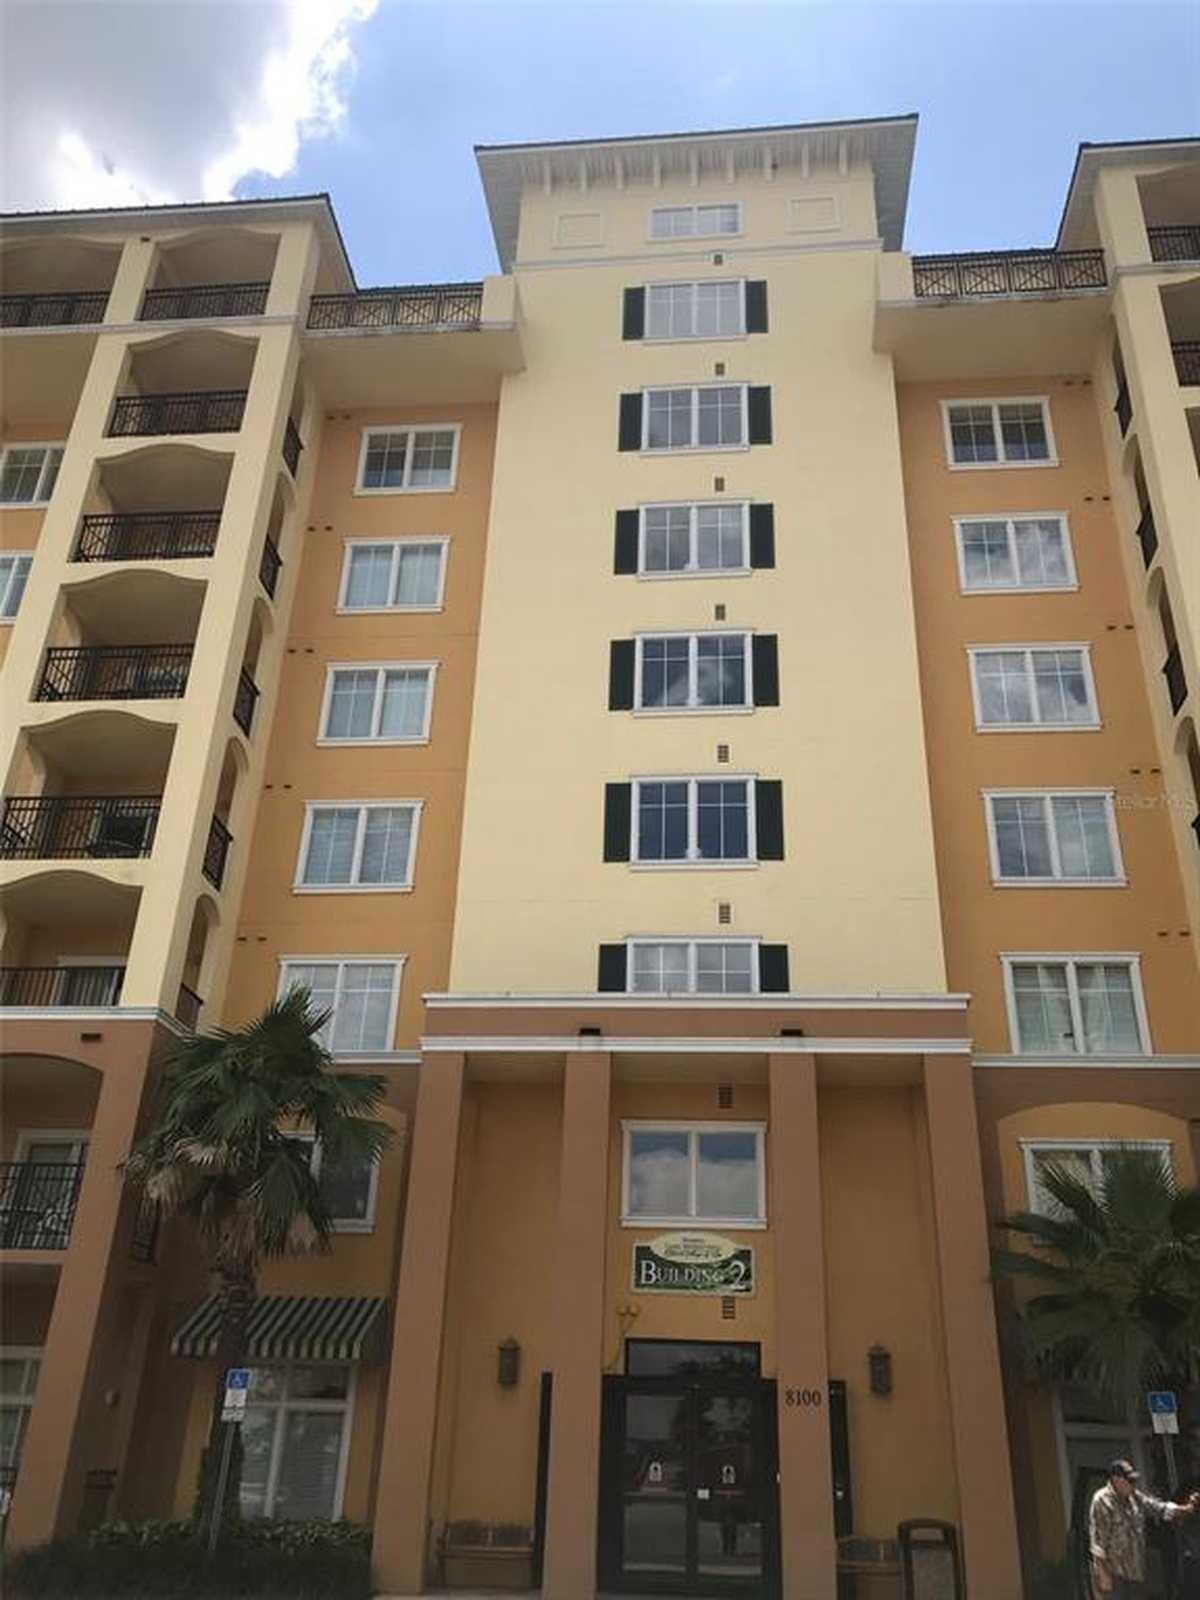 $157,000 - 2Br/2Ba -  for Sale in Lake Buena Vista Resort, Orlando